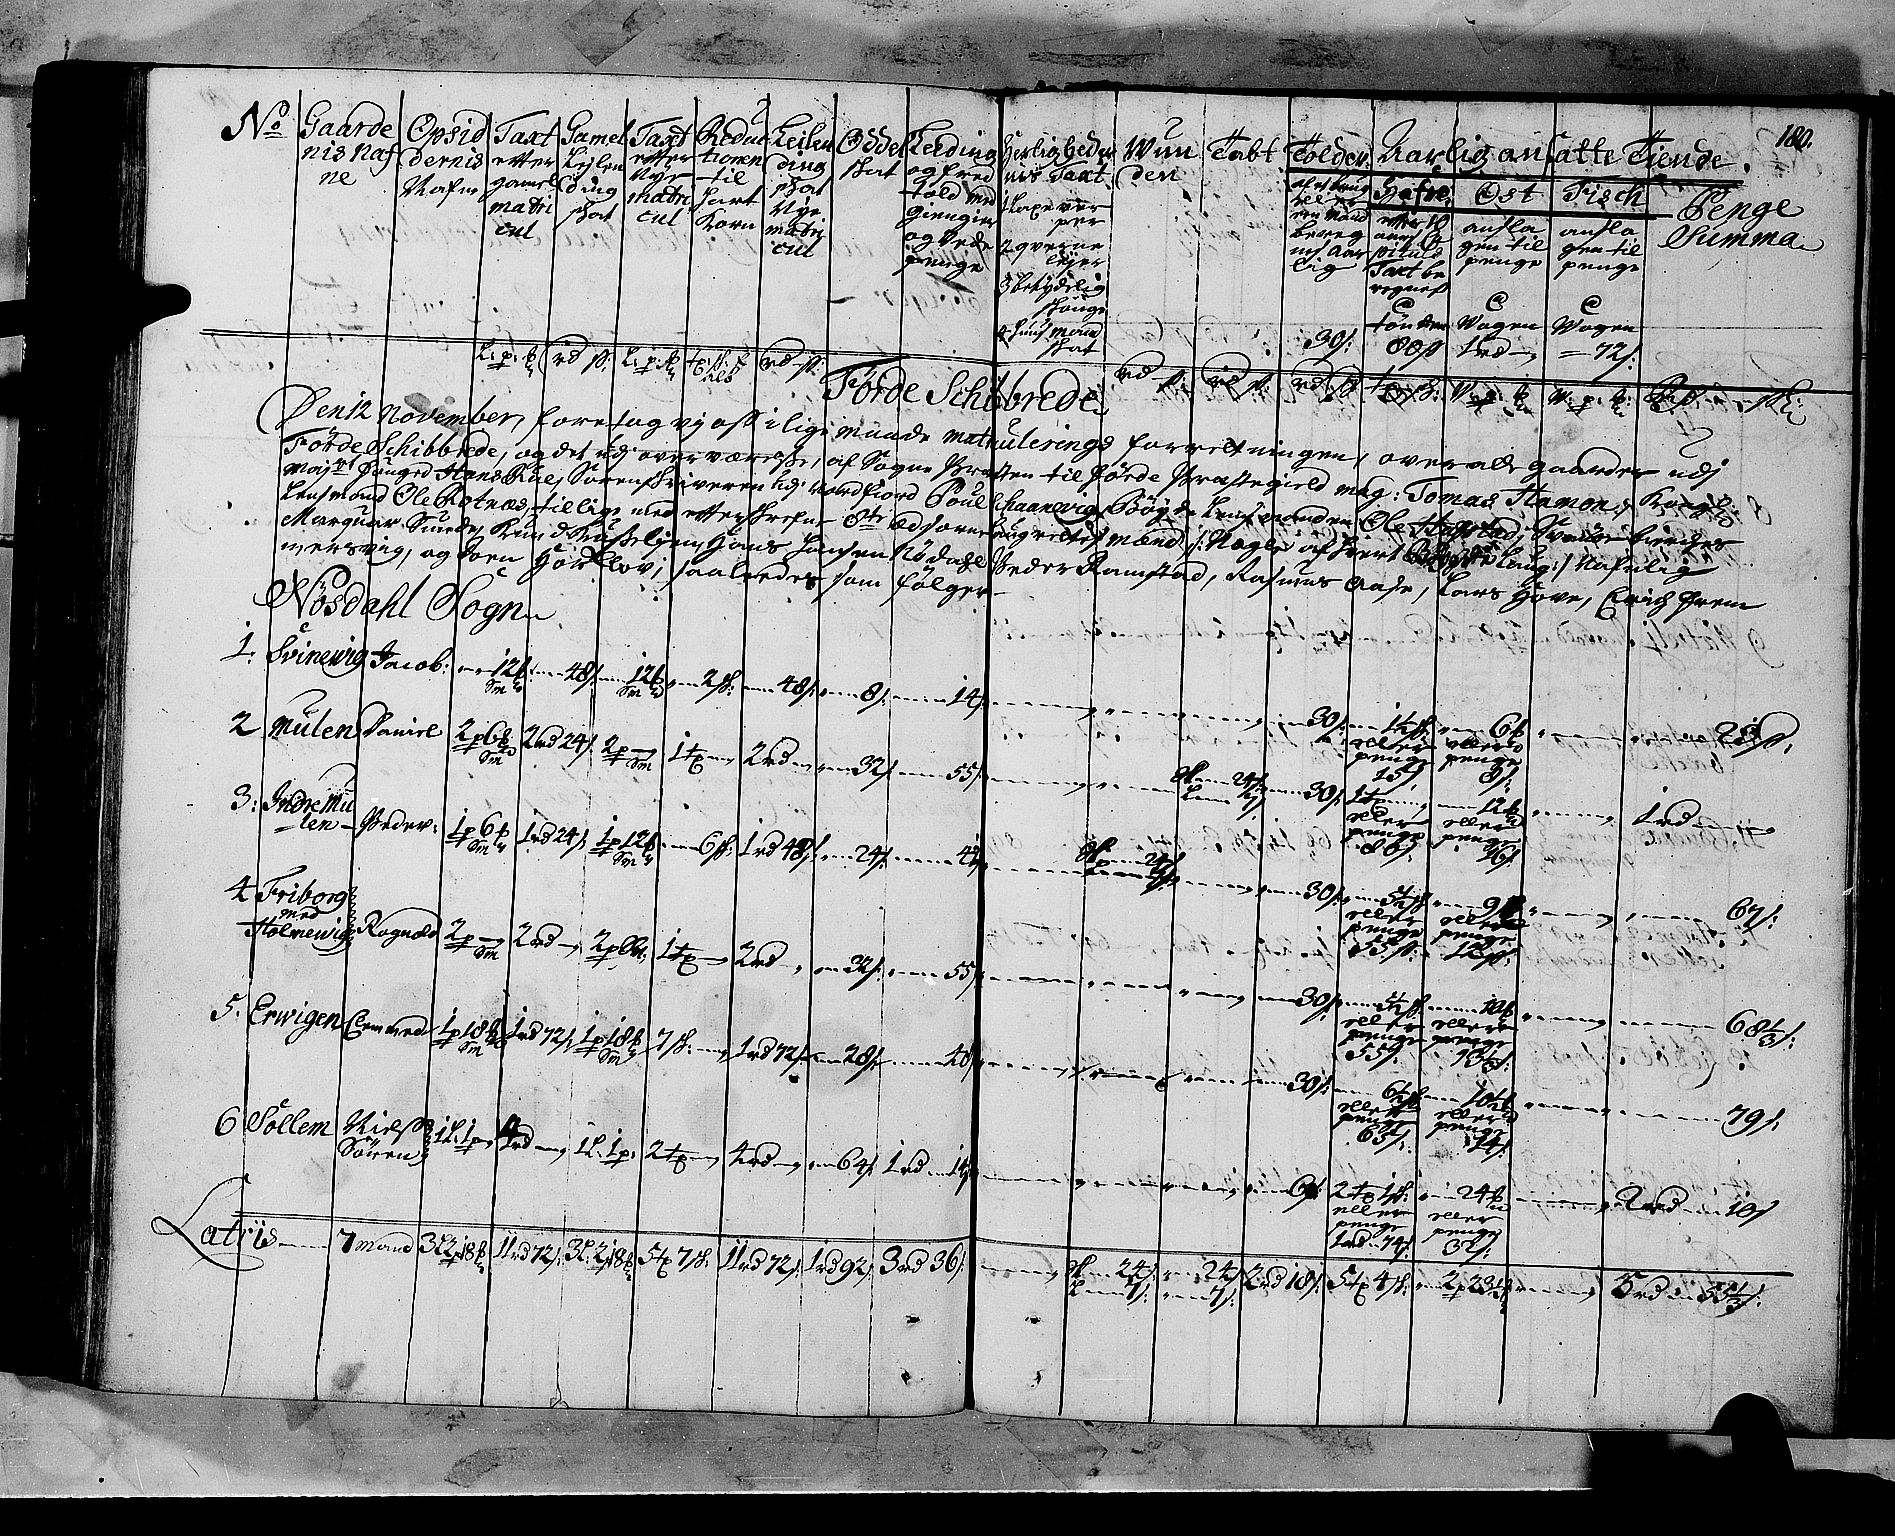 RA, Rentekammeret inntil 1814, Realistisk ordnet avdeling, N/Nb/Nbf/L0147: Sunnfjord og Nordfjord matrikkelprotokoll, 1723, s. 179b-180a